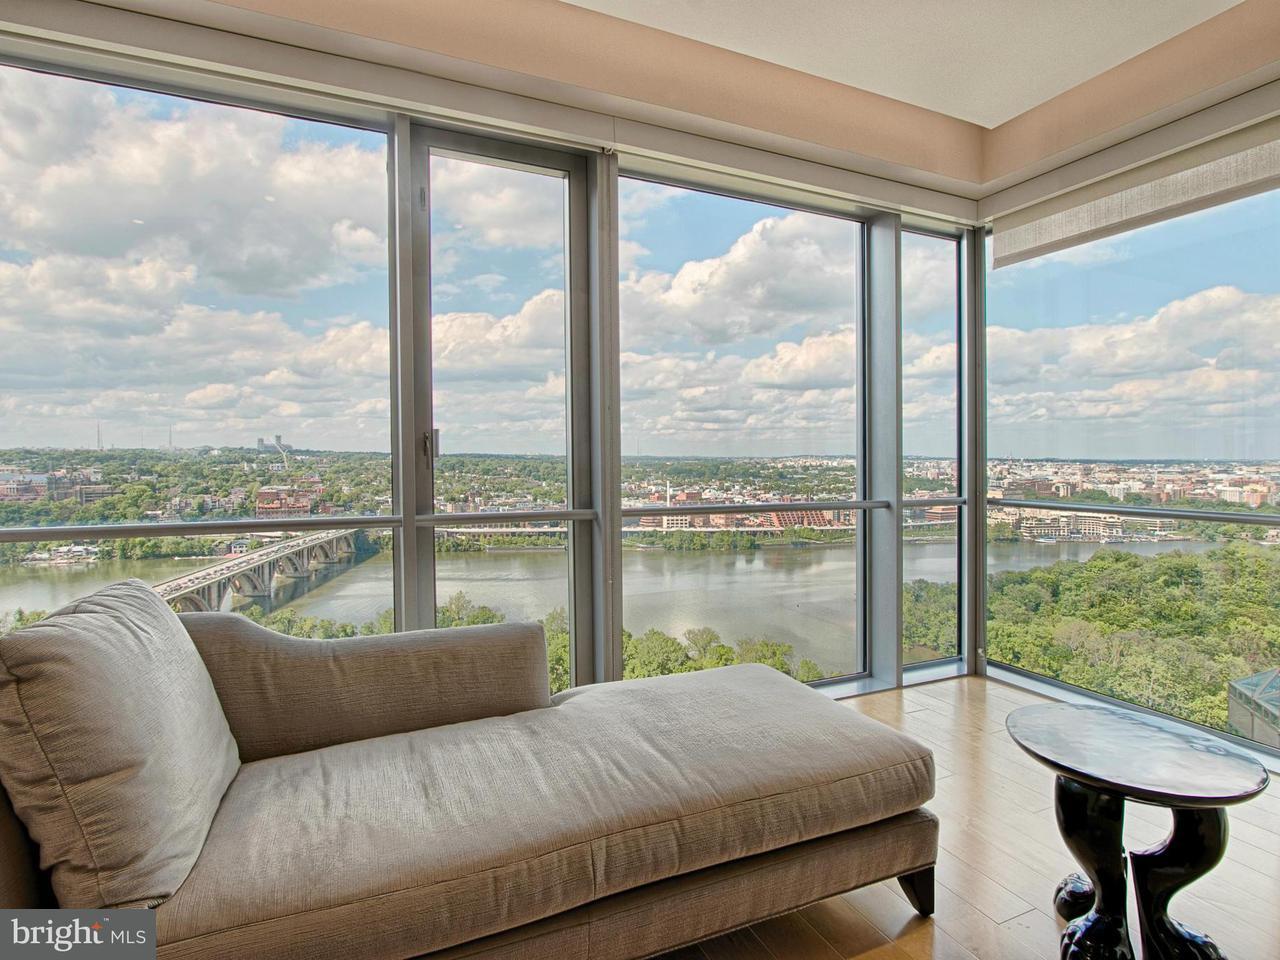 共管式独立产权公寓 为 销售 在 1111 19TH ST N #2801 1111 19TH ST N #2801 阿林顿, 弗吉尼亚州 22209 美国